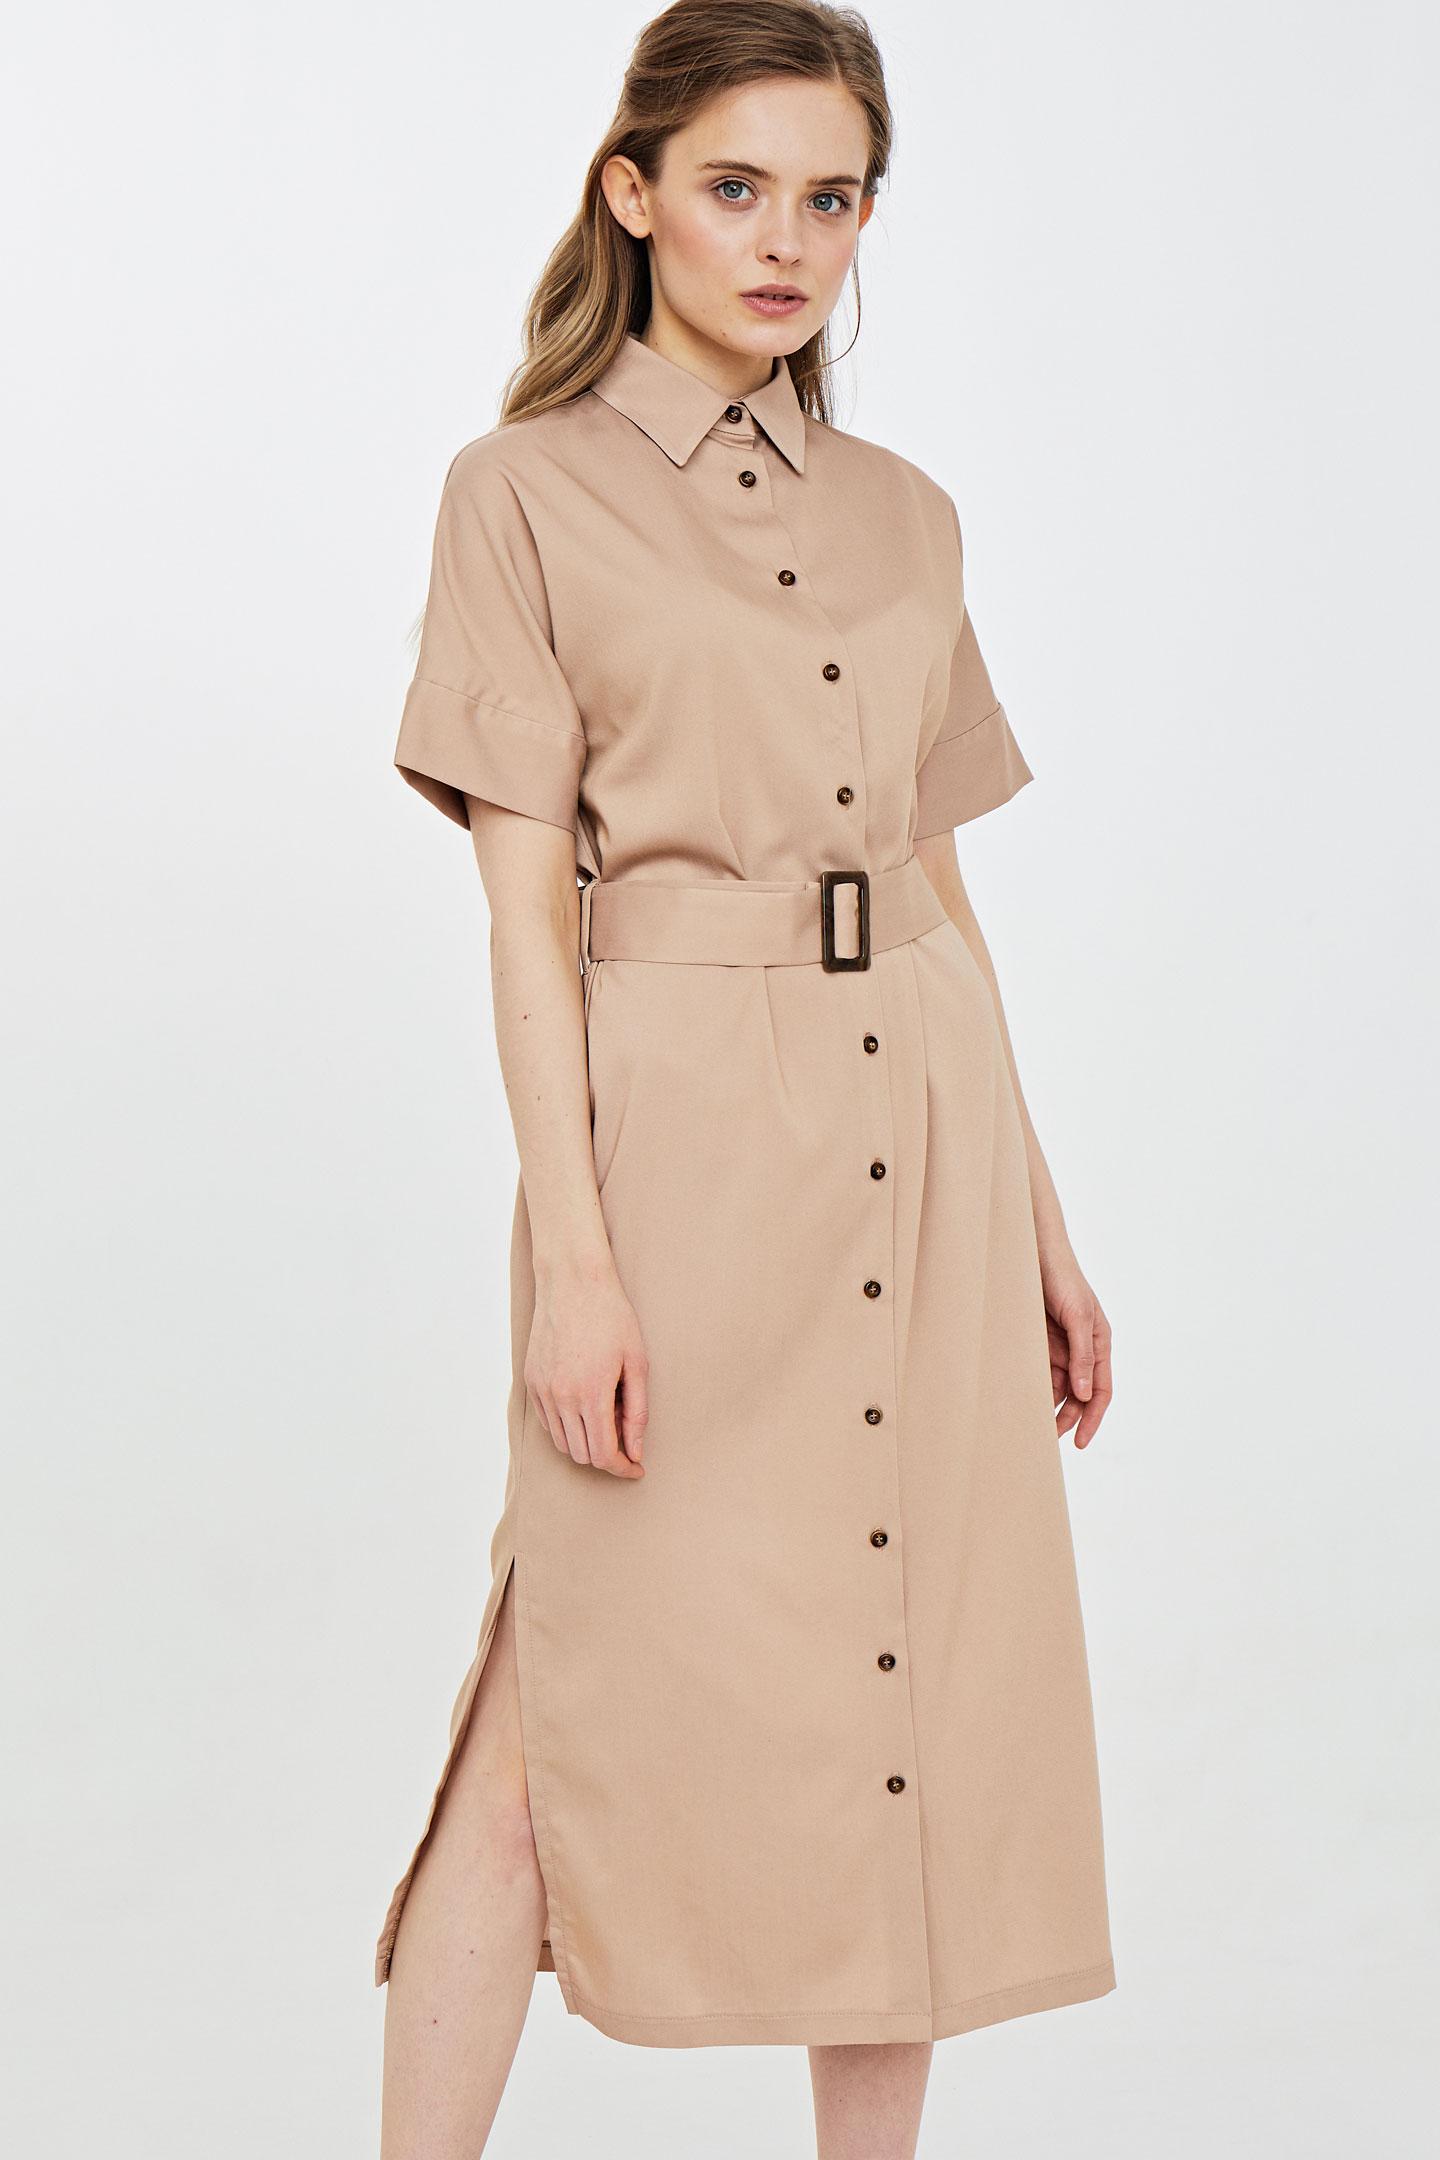 2ae50ba7671 Женские модные платья купить в интернет магазине Click-Boutique